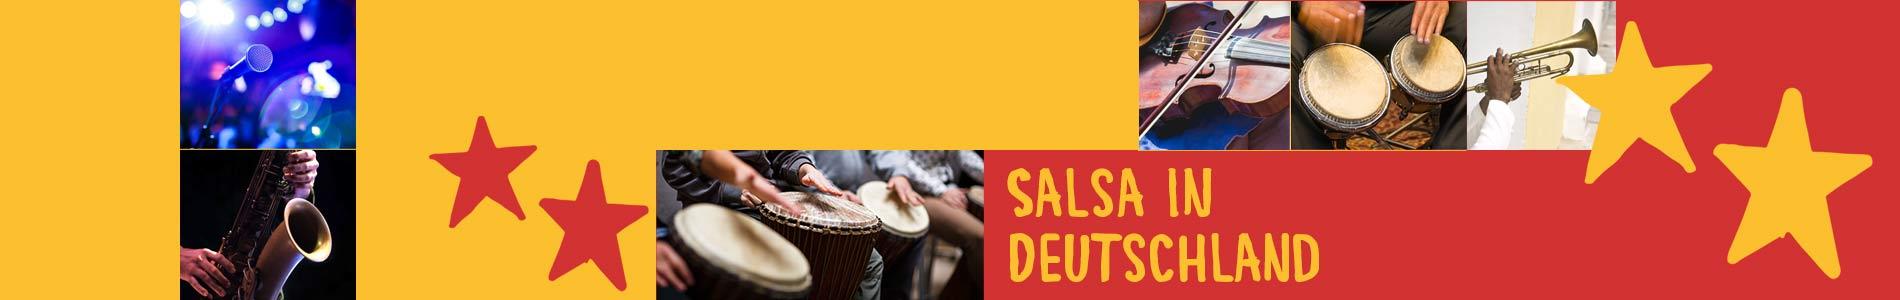 Salsa in Burkau – Salsa lernen und tanzen, Tanzkurse, Partys, Veranstaltungen